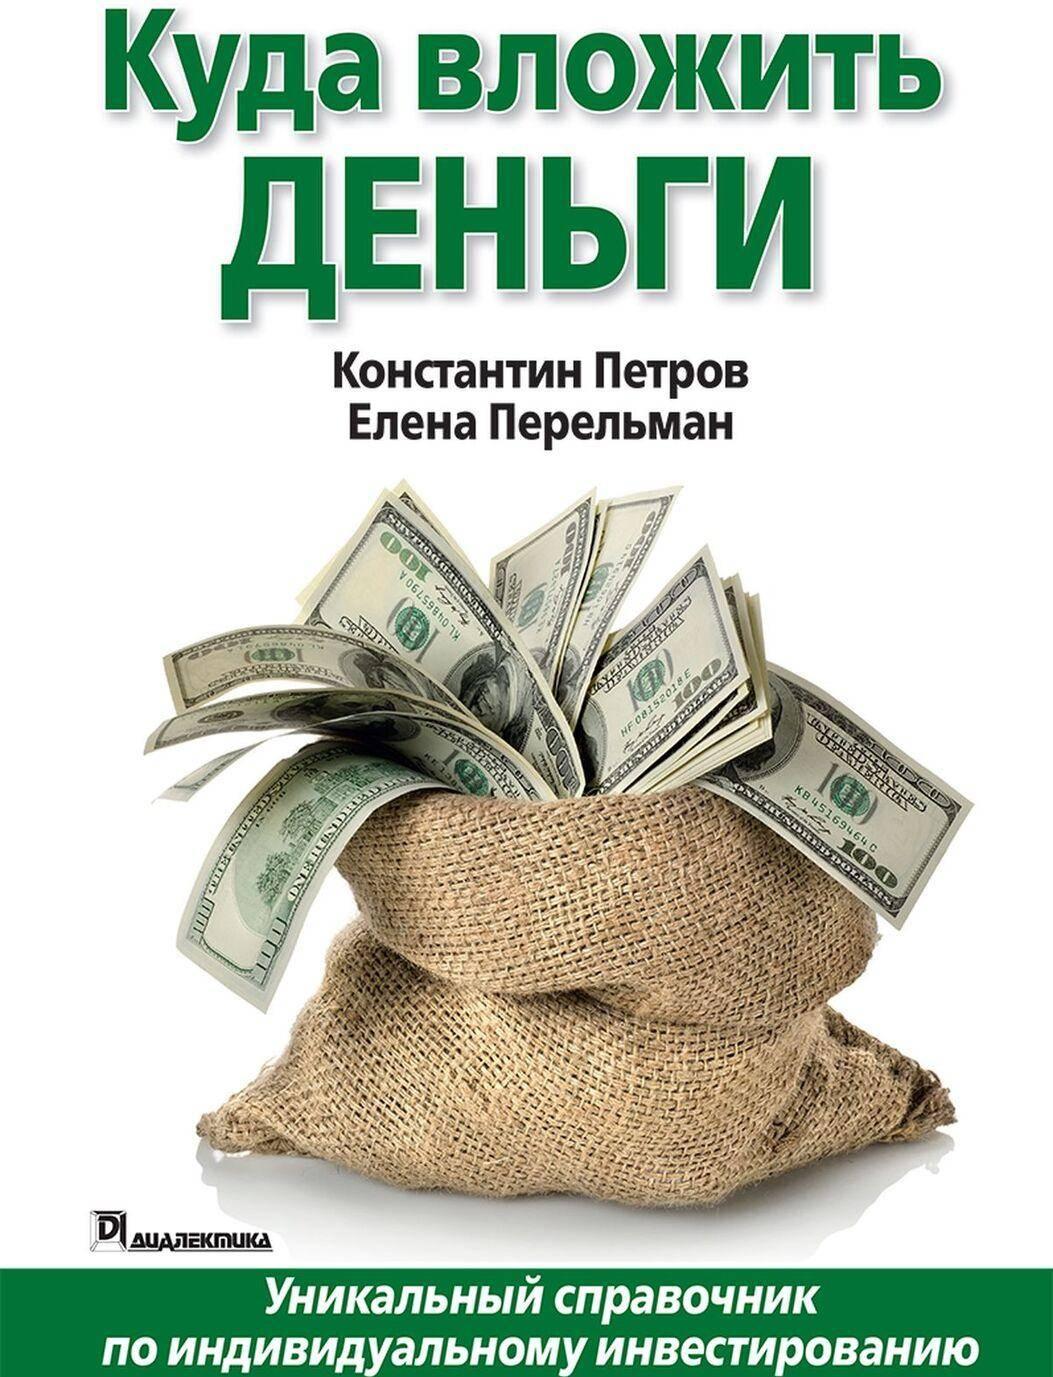 Куда вложить деньги: 14 вариантов инвестиций в россии для сохранения и приумножения капитала